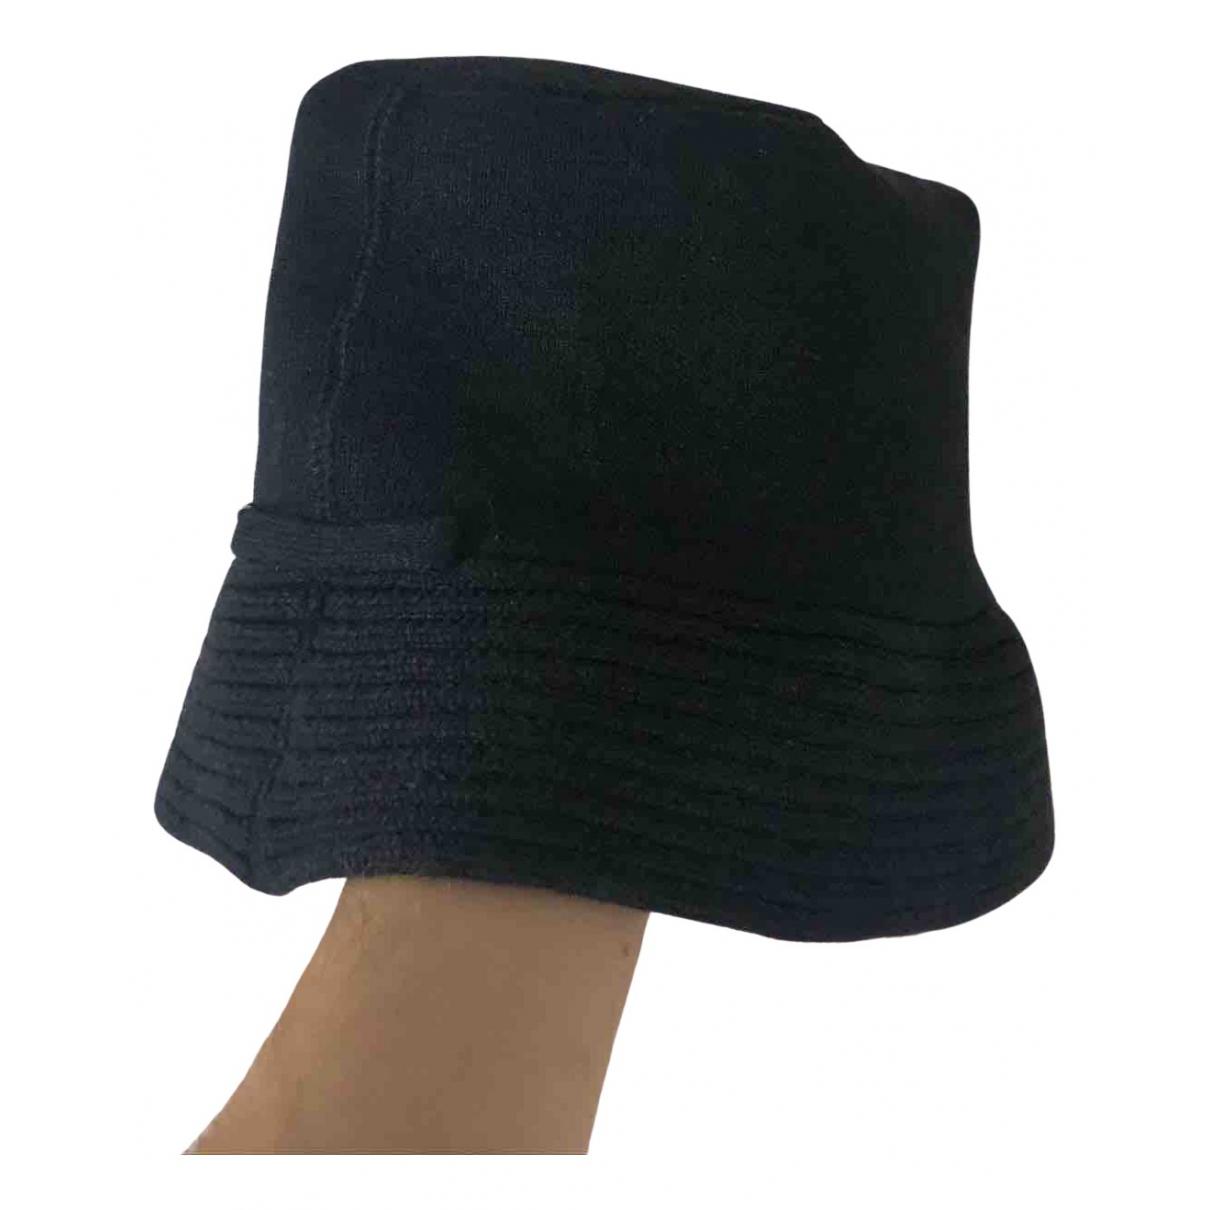 Jean Paul Gaultier - Chapeau & Bonnets   pour homme en lin - anthracite